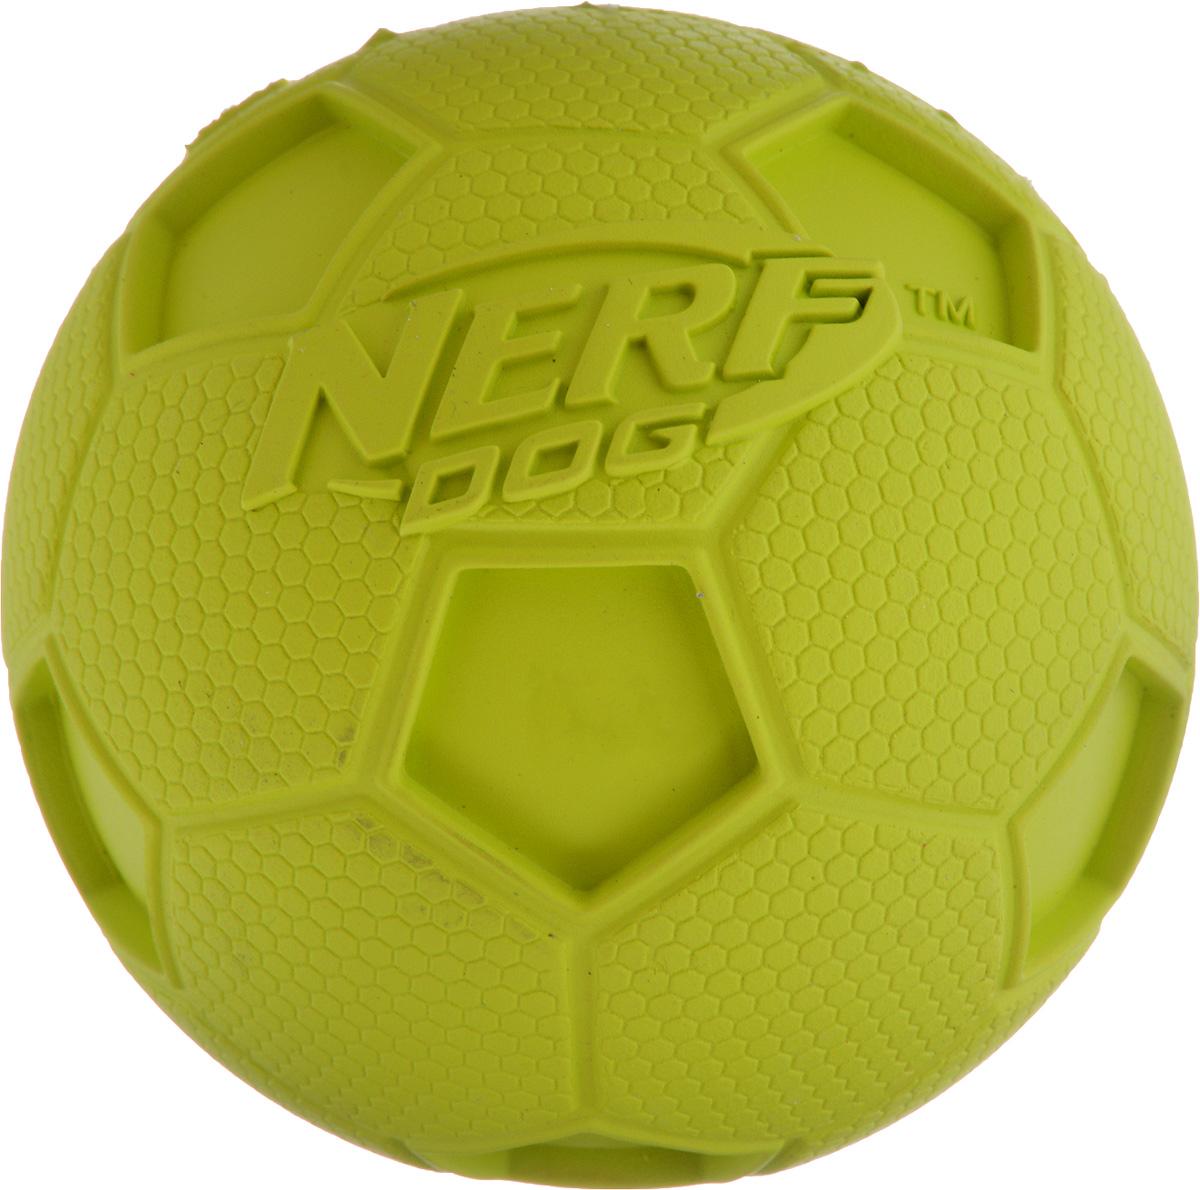 Игрушка для собак Nerf Мяч футбольный, с пищалкой, диаметр 8 см22194_салатовыйИгрушка для собак Nerf Мяч футбольный выполнена из резины в форме футбольного мяча. Игрушка оснащена пищалкой, что вызовет дополнительный интерес вашего питомца. Такая игрушка порадует вашего любимца, а вам доставит массу приятных эмоций, ведь наблюдать за игрой всегда интересно и приятно. Диаметр игрушки: 8 см.